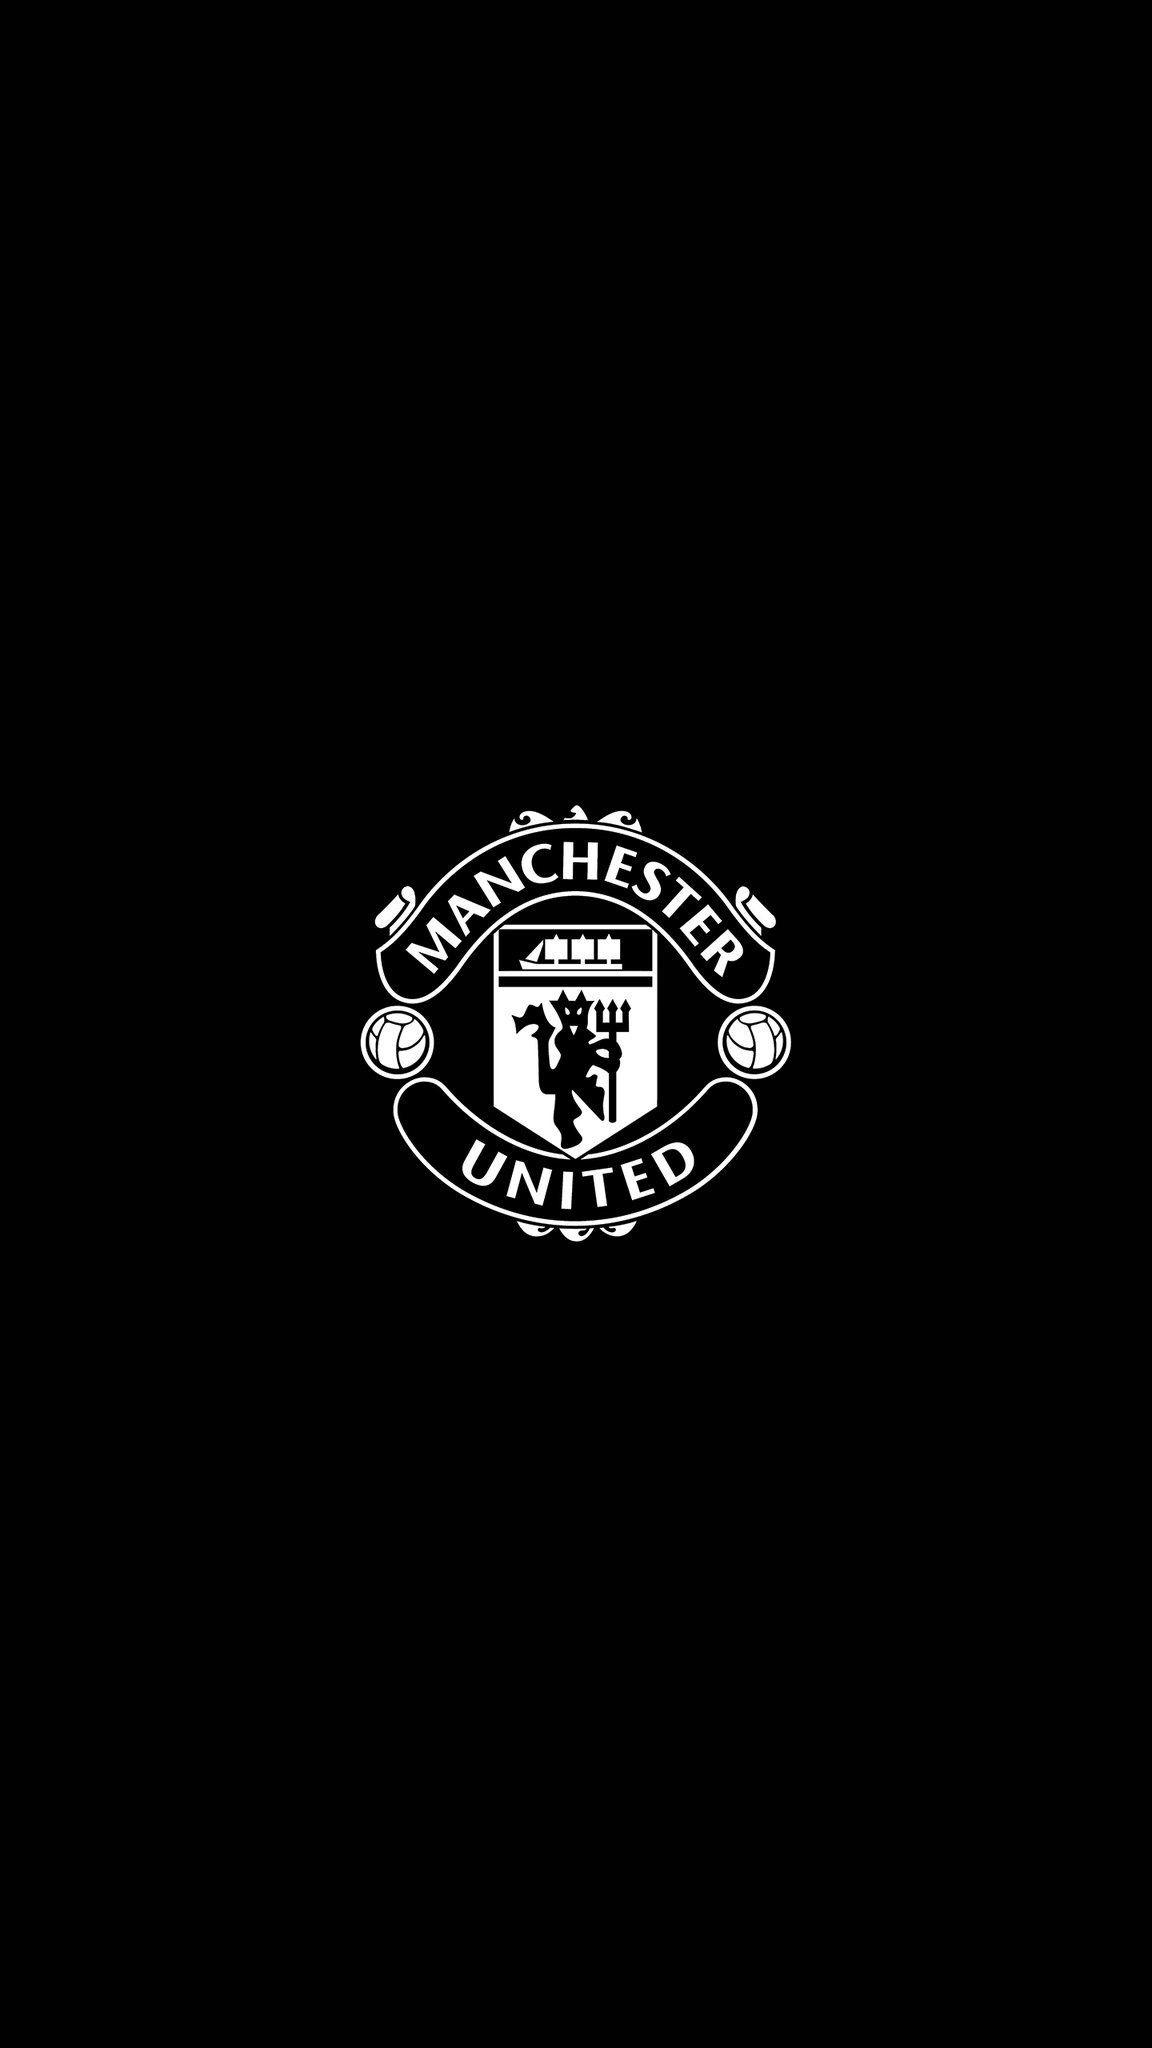 ป กพ นโดย Nomarler ใน Manchester United ช ว ตป ก แมนเชสเตอร ย ไนเต ด ฟ ตบอล